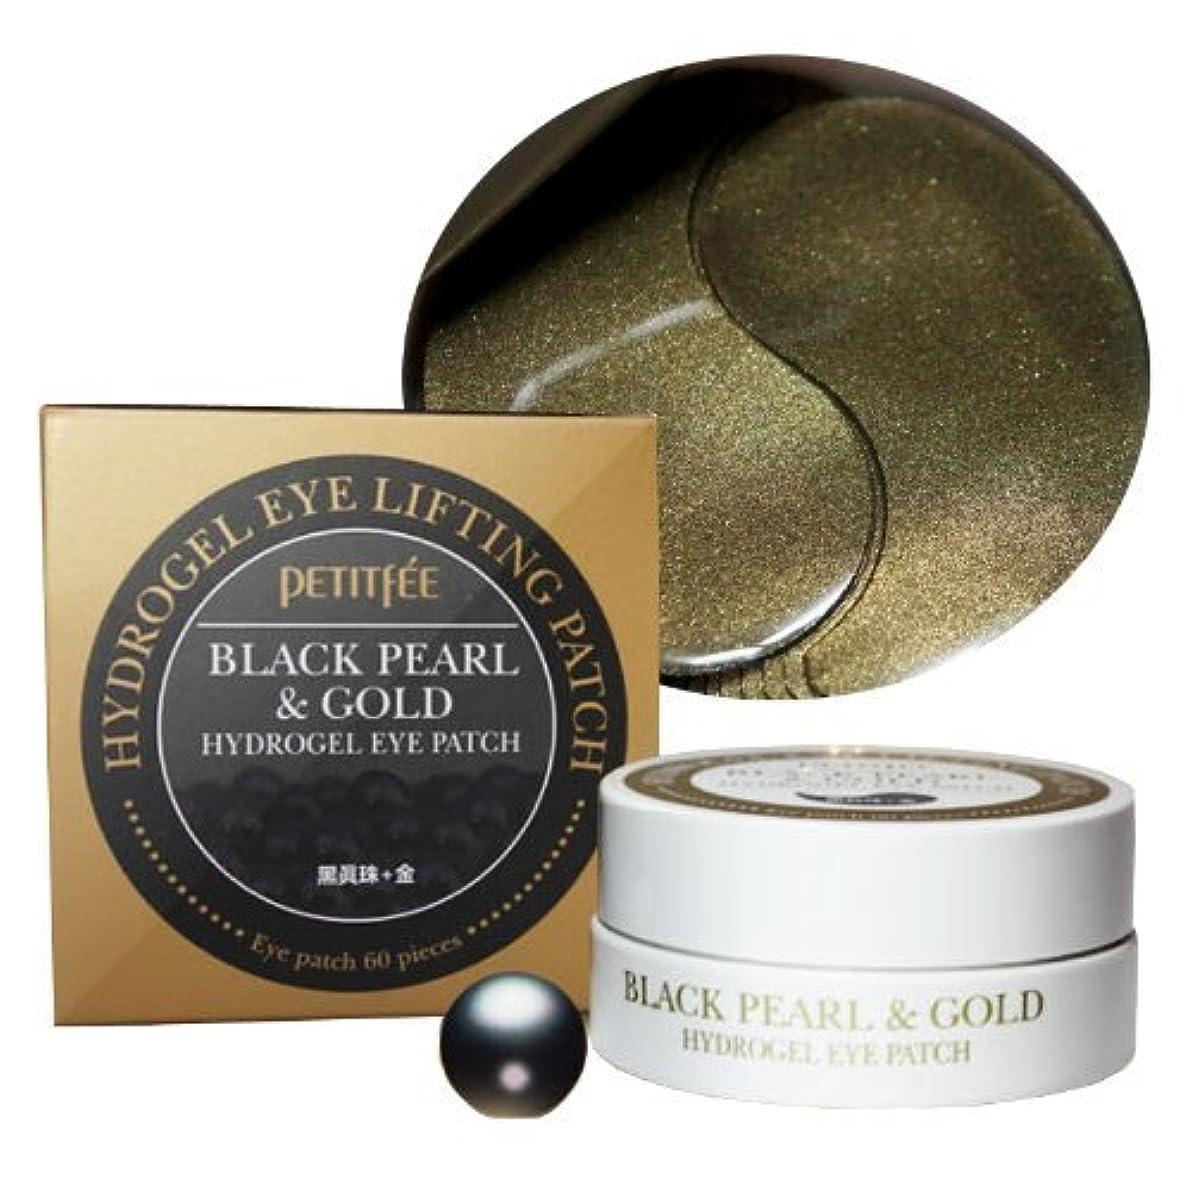 敵対的スペクトラム噴火*Petitfee* Blackpearl&gold Hydrogel Eyepatch. Eye Patch60ea